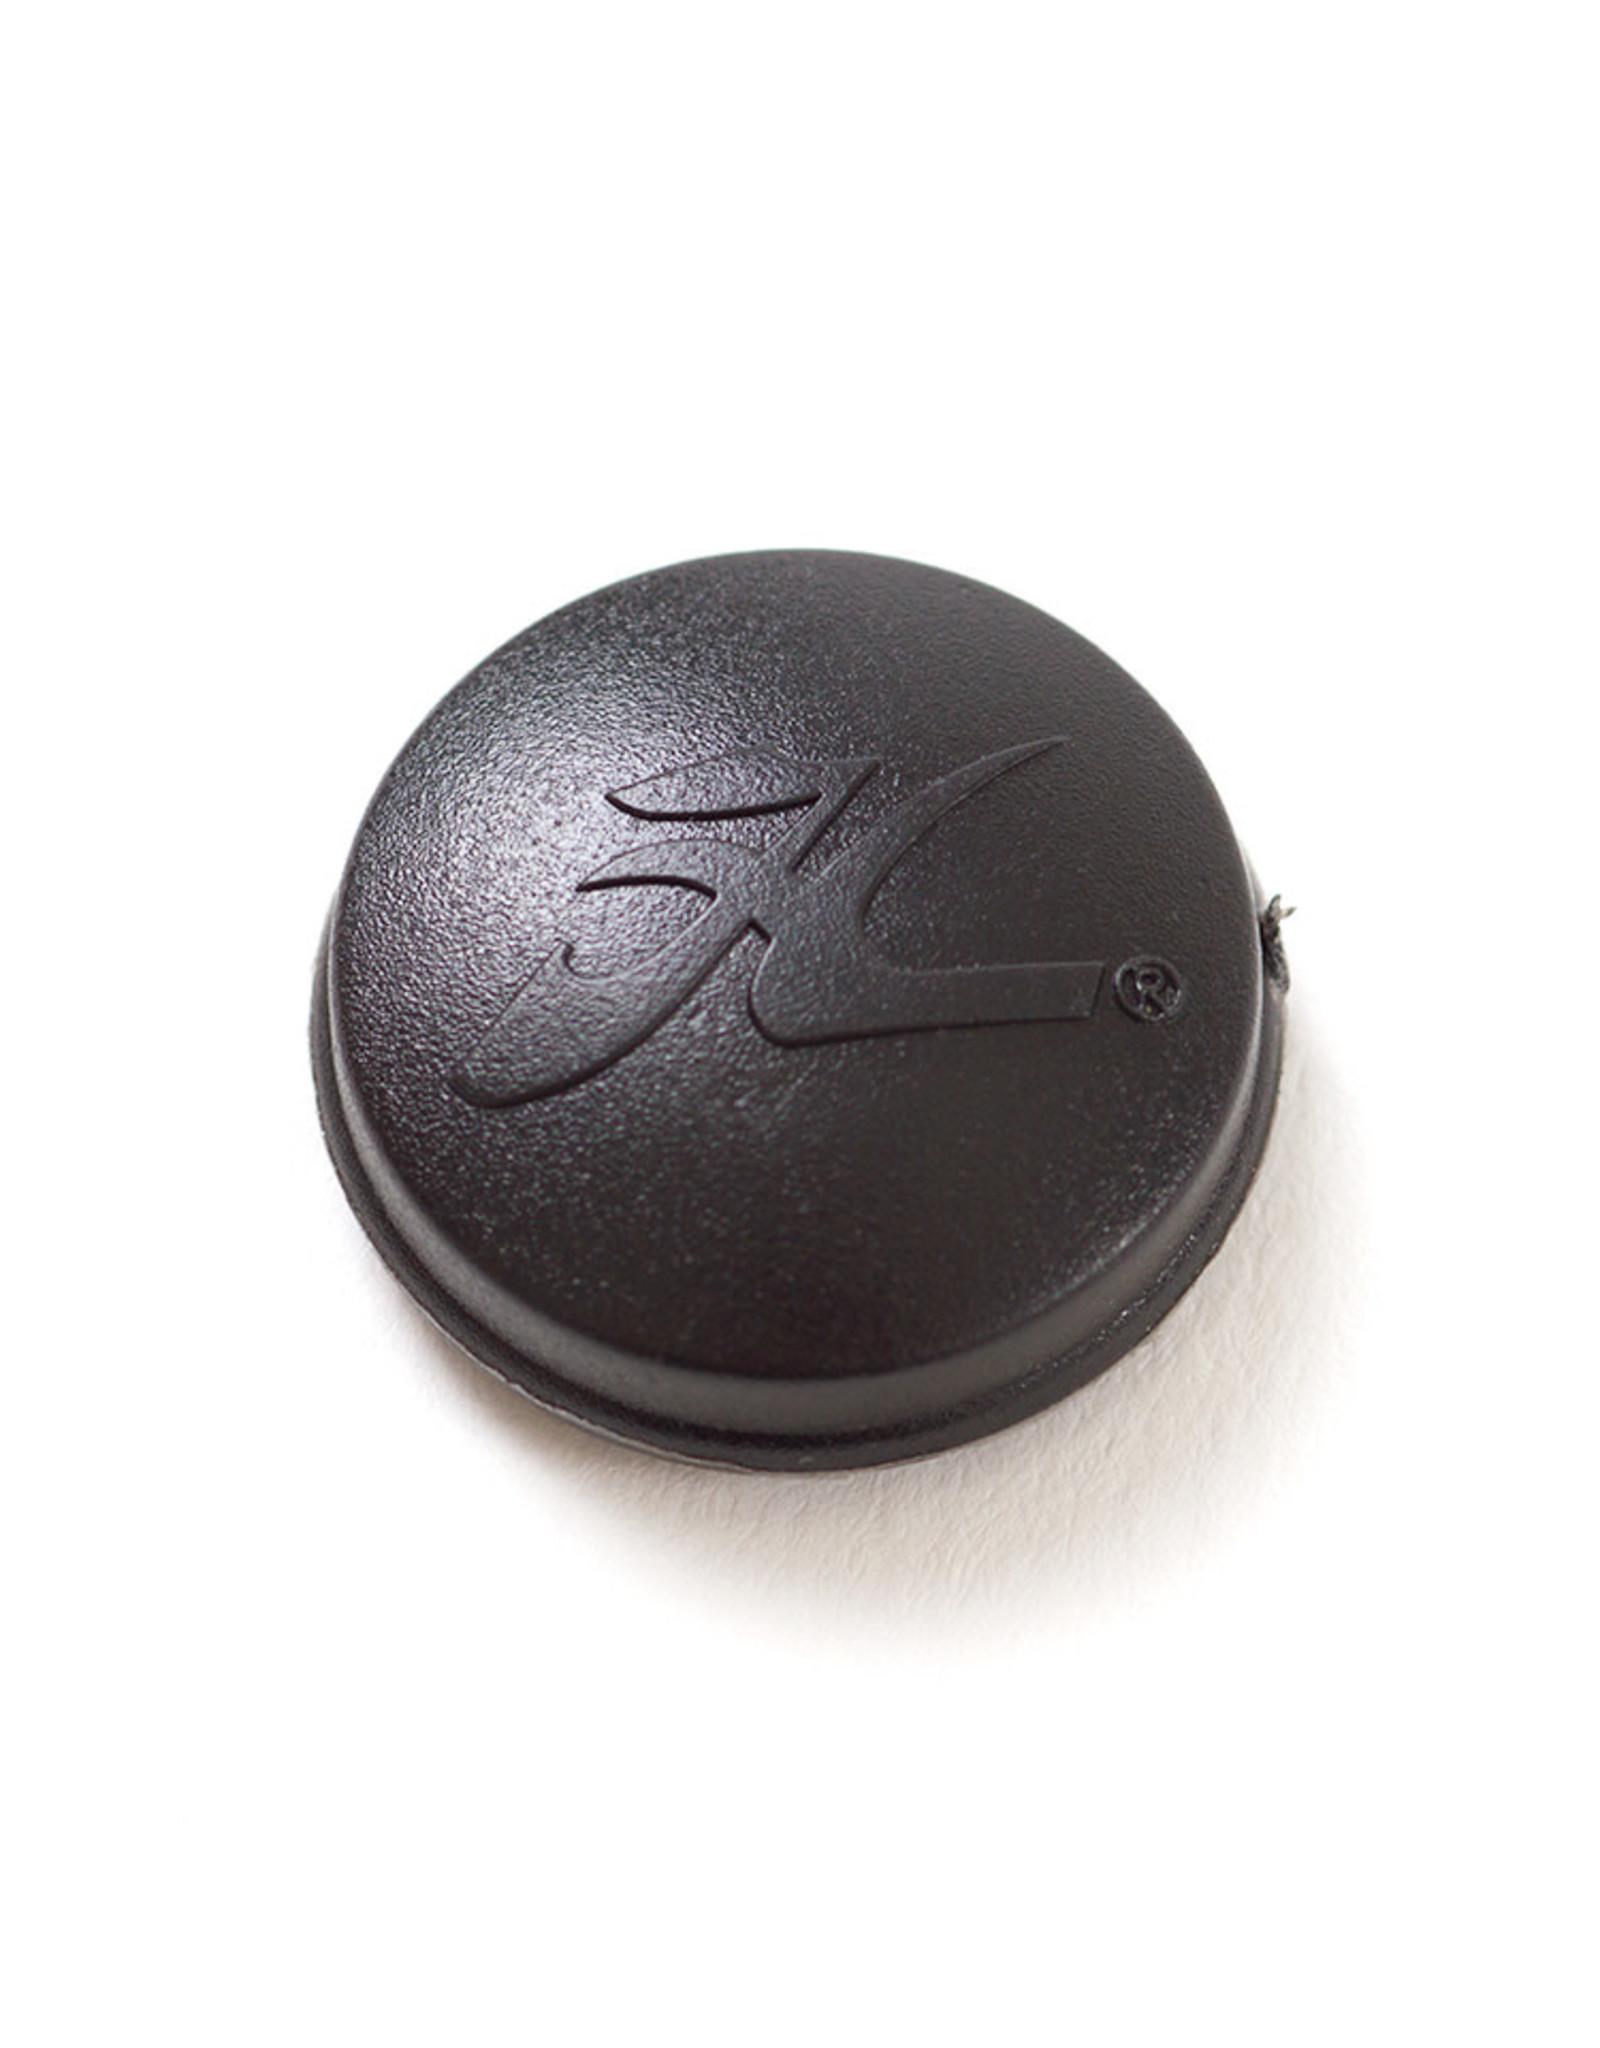 Hobie Hobie Acc. Mirage Drive - Cap, Pedal Round